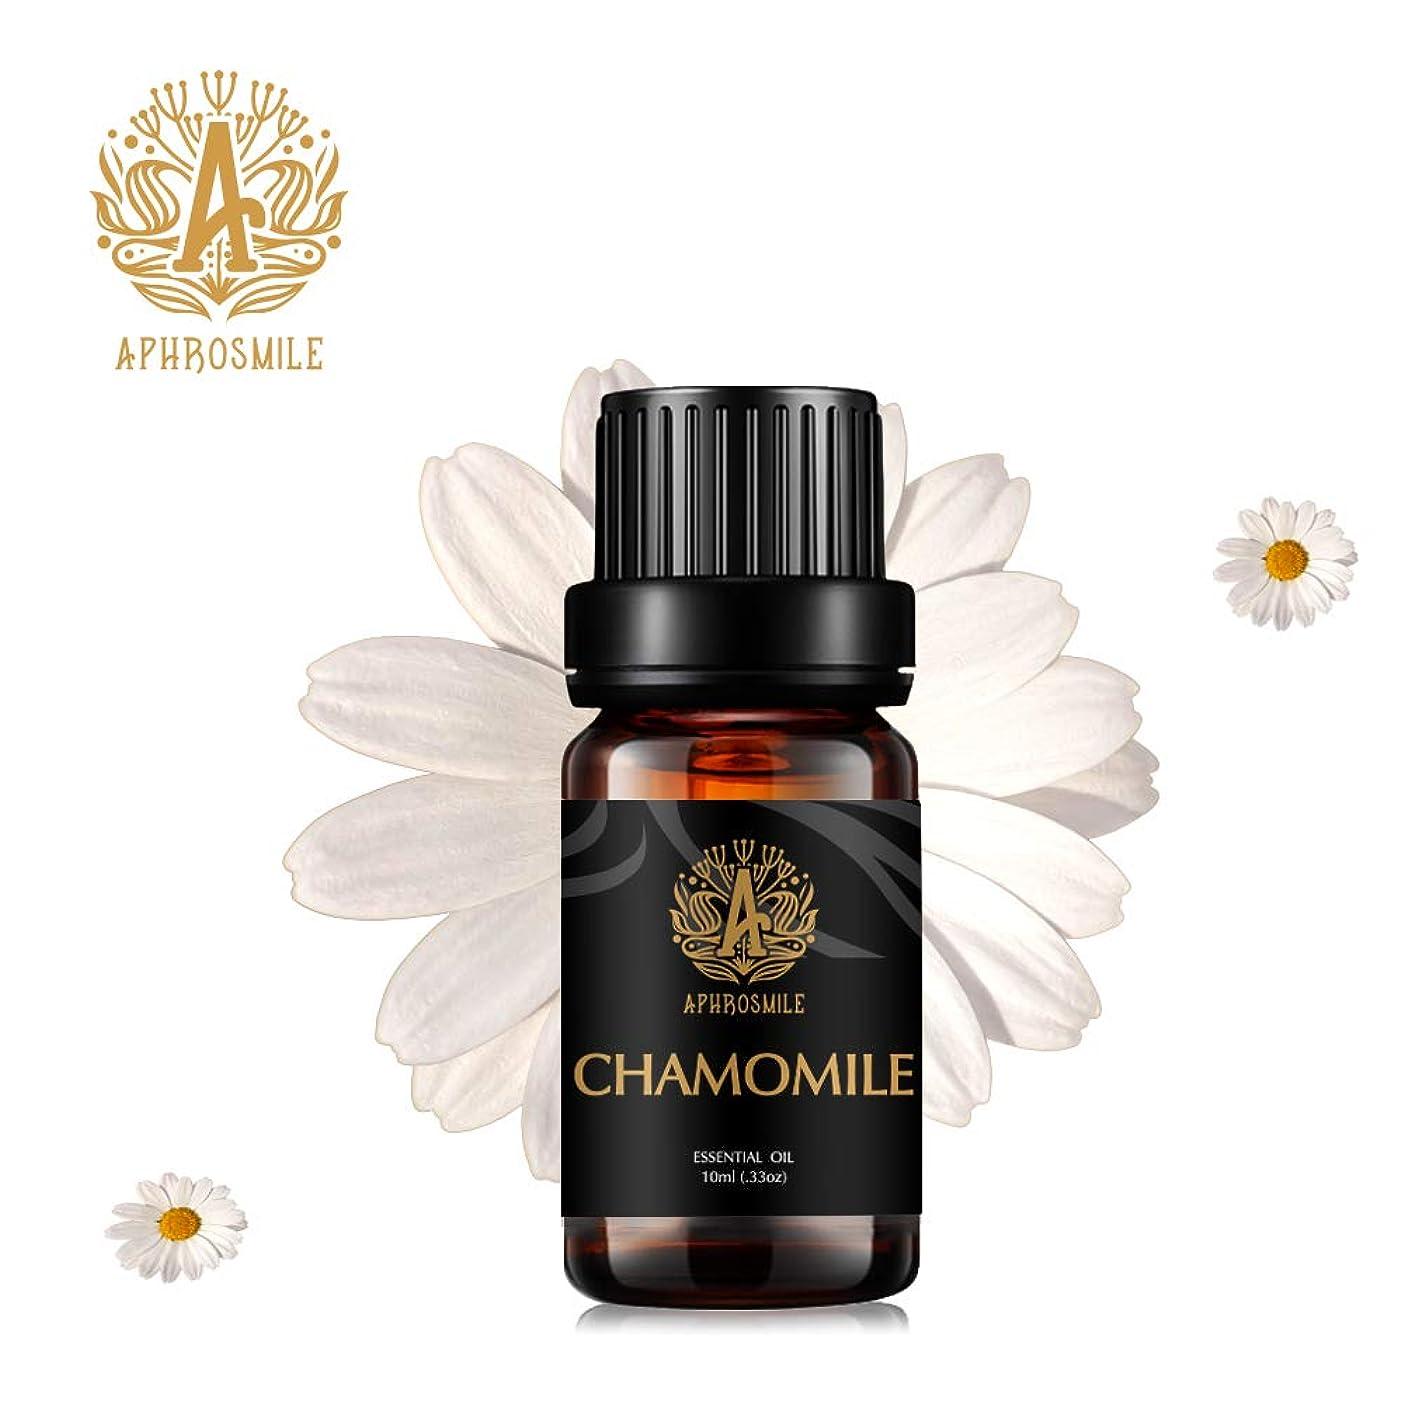 落胆するショルダーテザーカモミールエッセンシャルオイル、100%純粋なアロマセラピーエッセンシャルオイルカモミールの香り、不安を和らげます、治療上の等級の精油のカモミールの芳香のために拡散器、マッサージ、加湿器、毎日の心配、0.33オンス-10ml